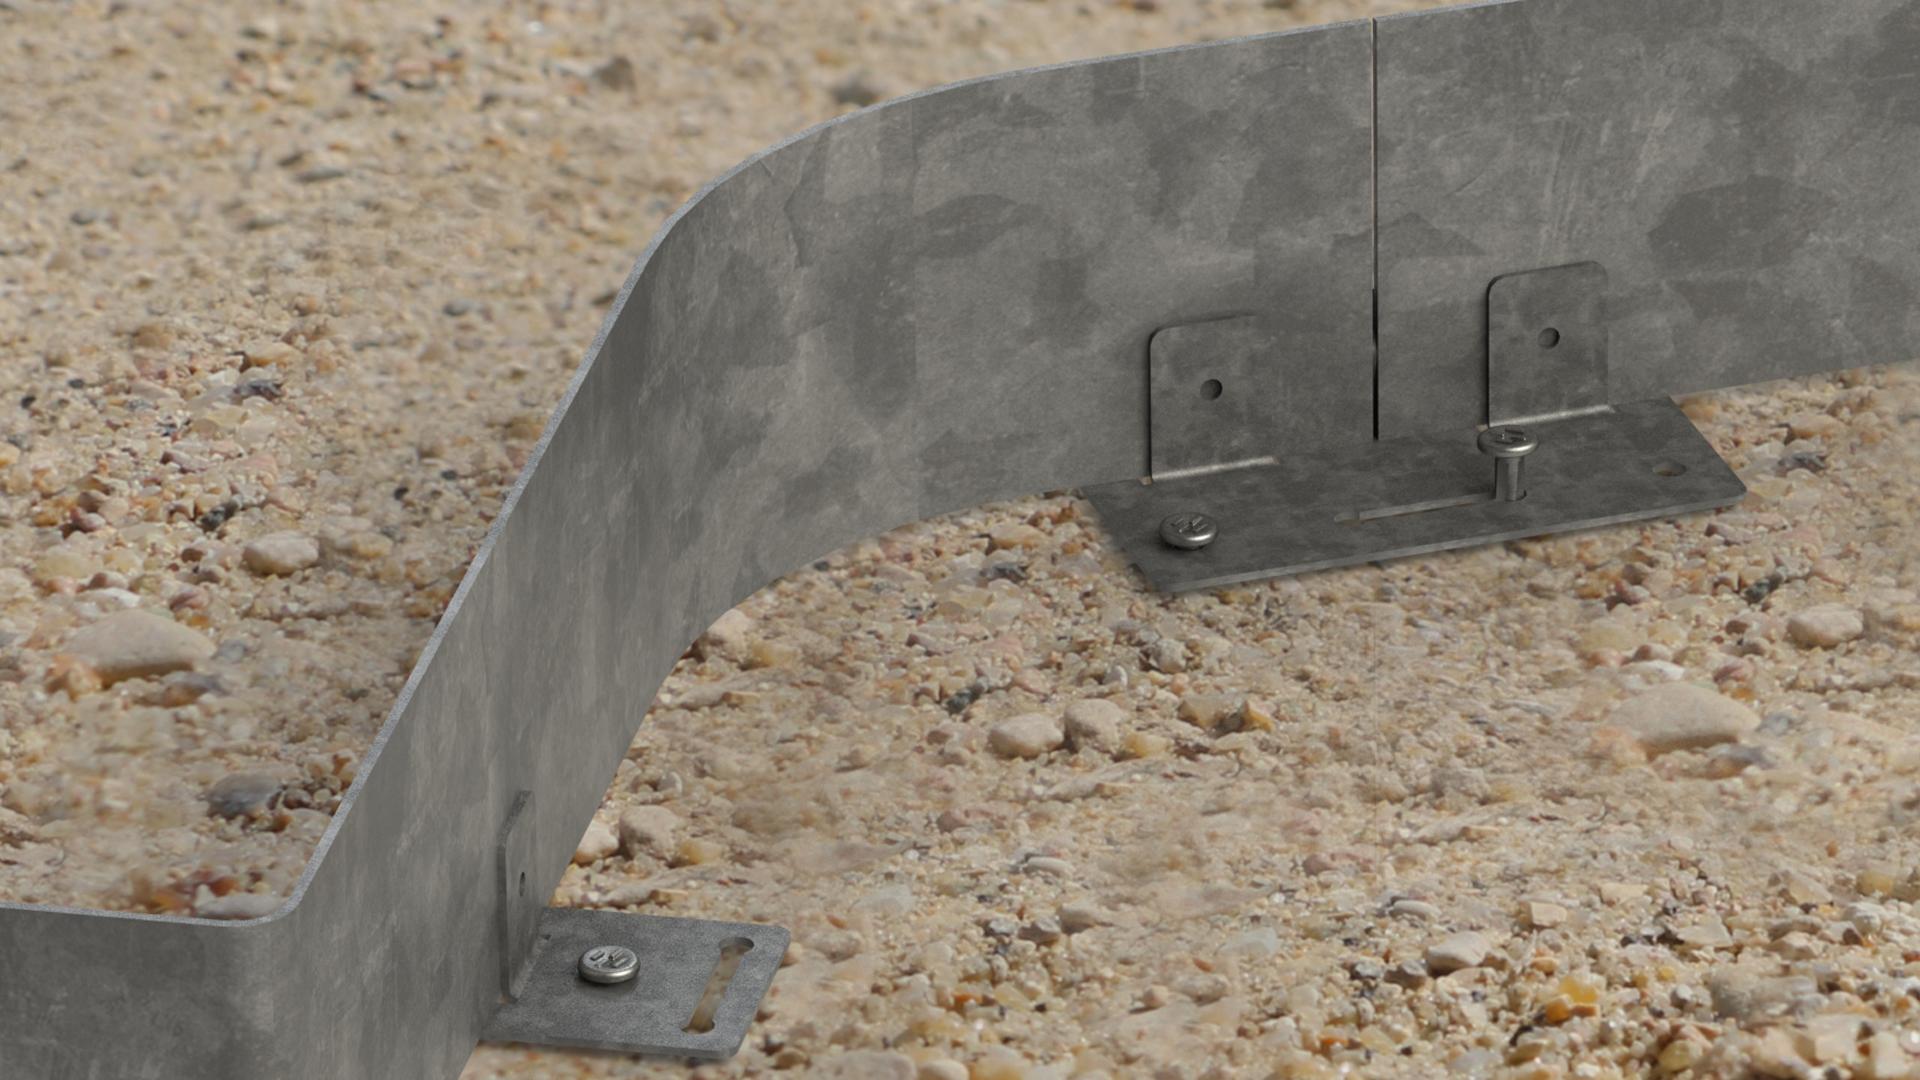 bordure dalle stabilisatrice nidagravel eccogravel acier métal galvanisé